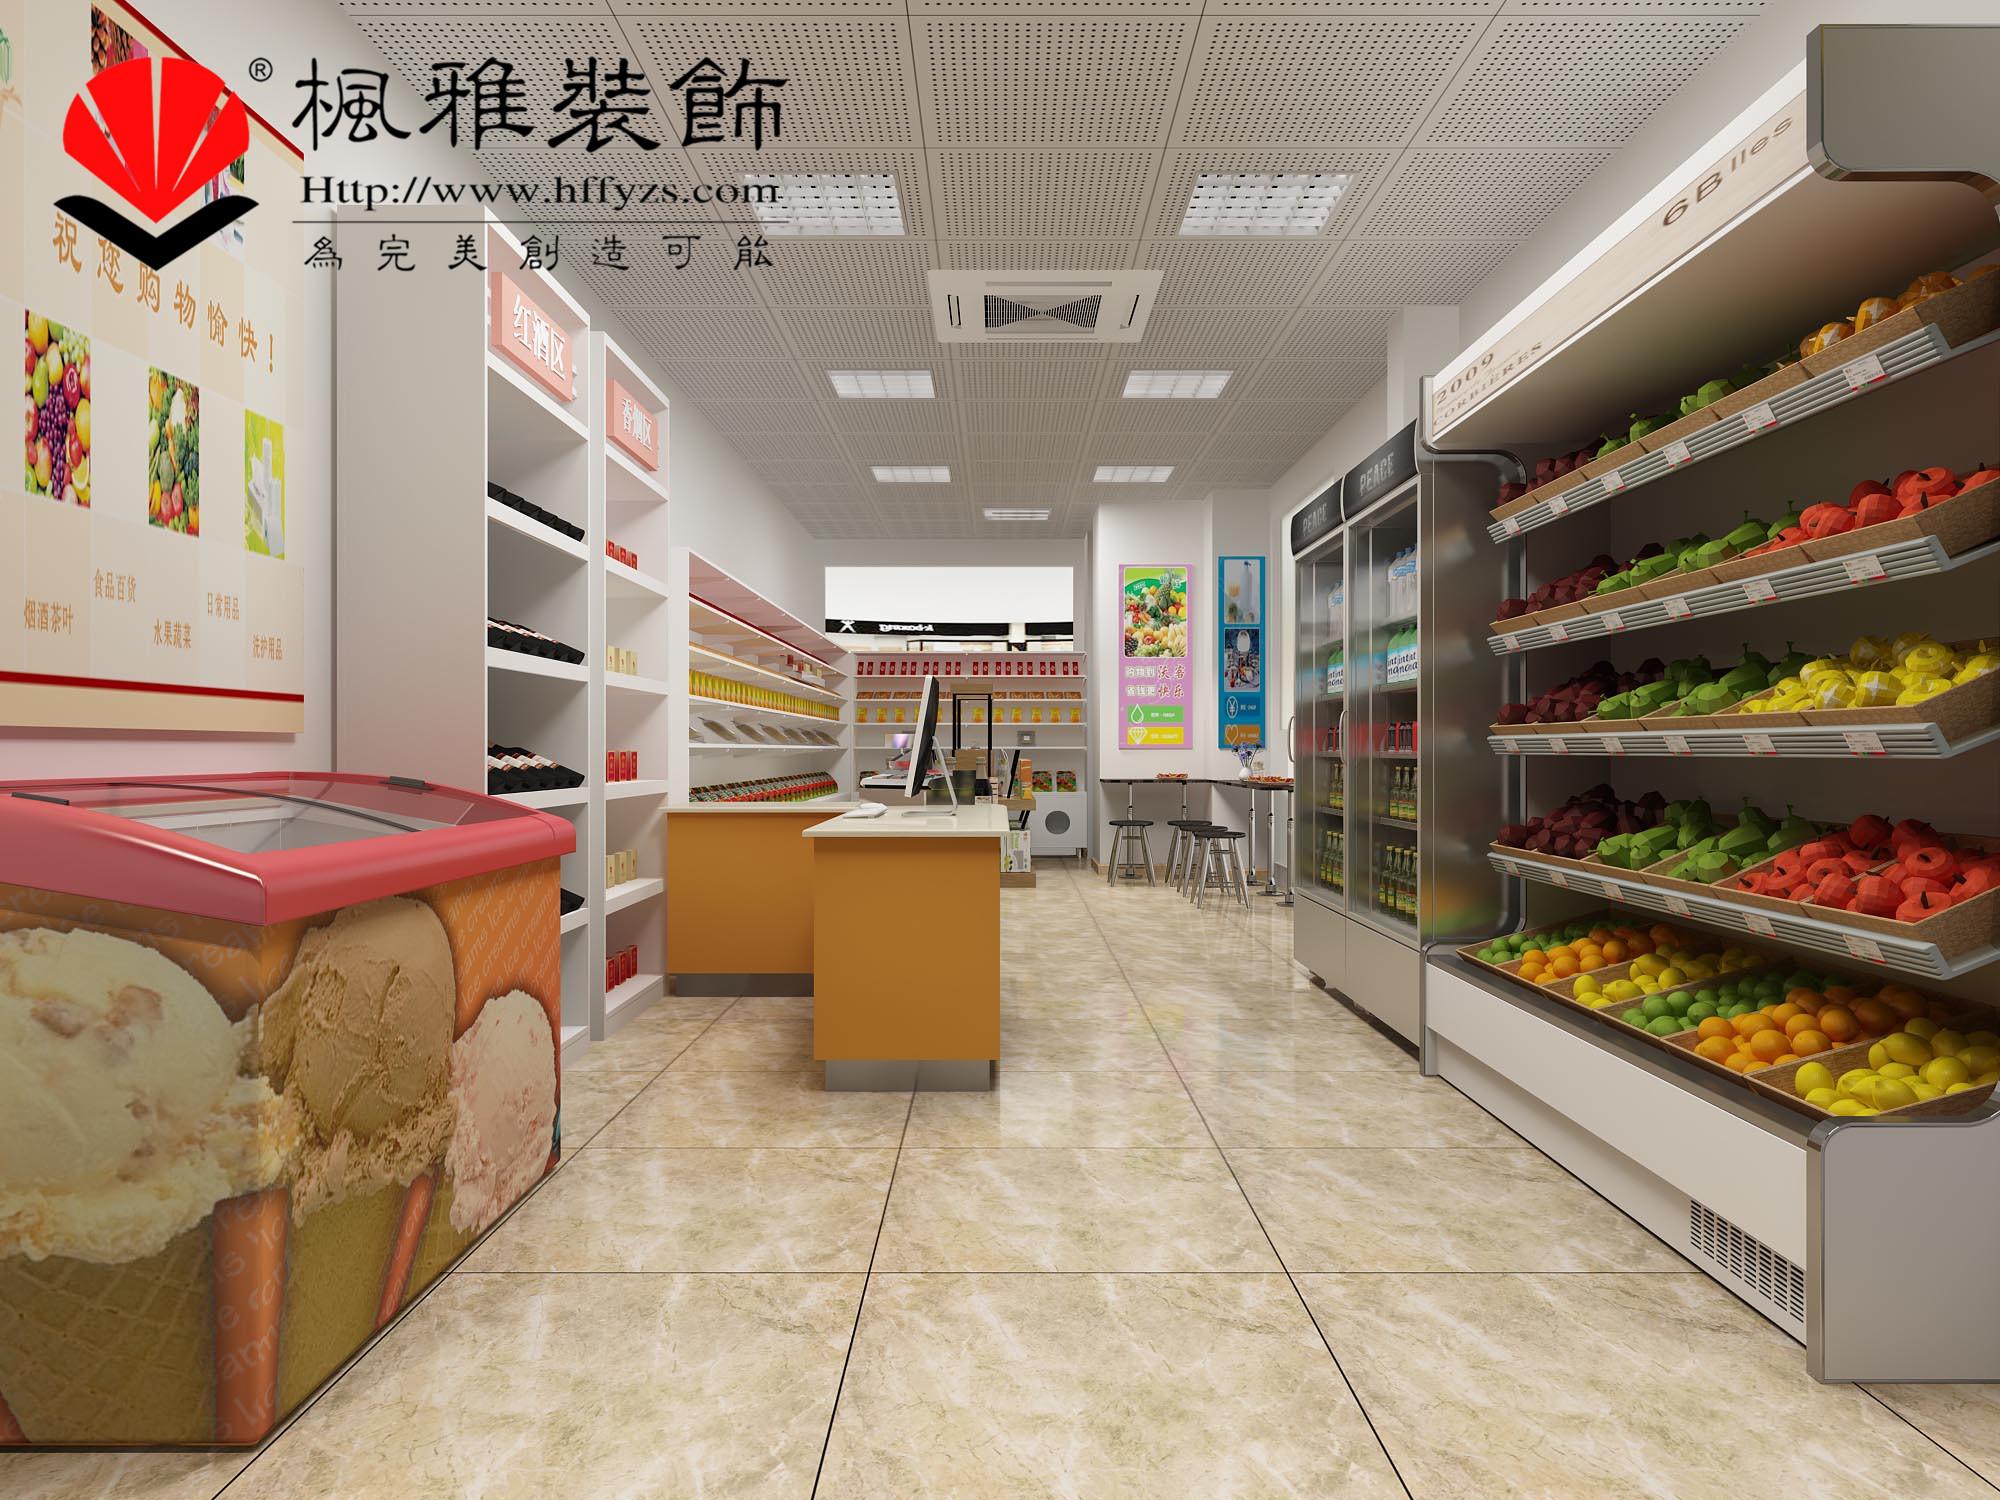 超市装修公司&大小型超市装修效果图&商场超市装修